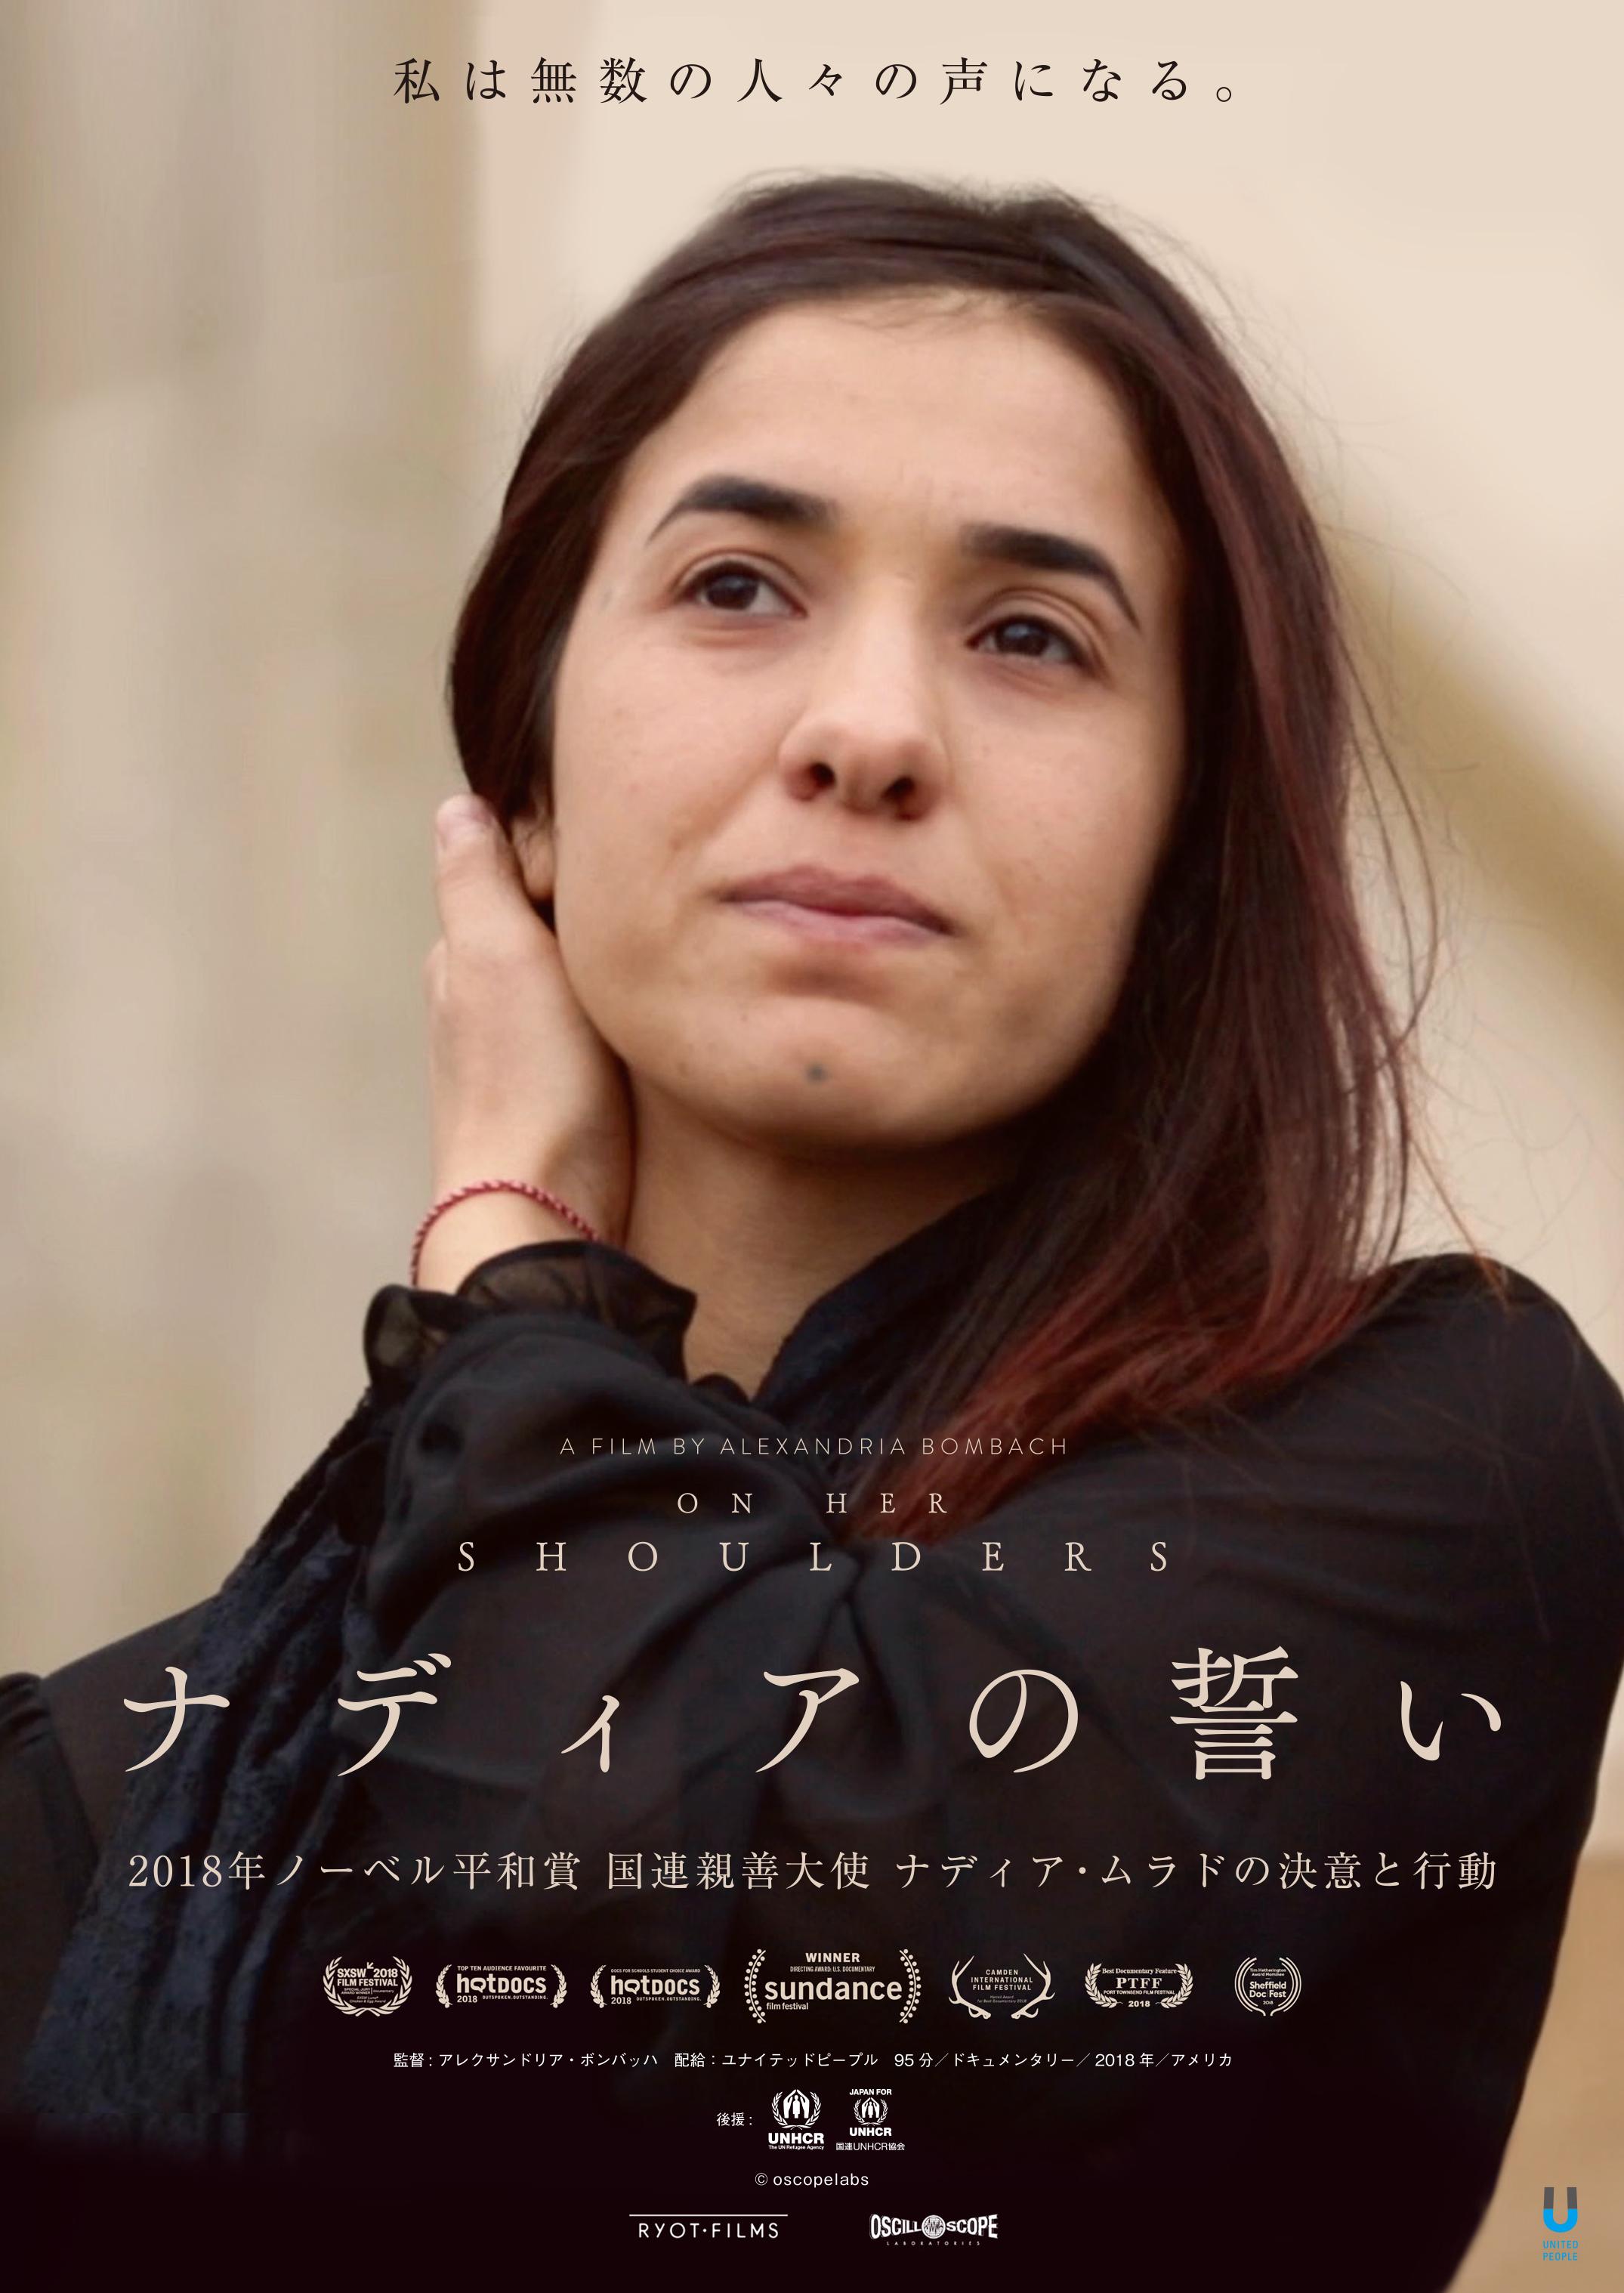 ナディアの誓い - On Her Shoulders ノーベル平和賞受賞者!ナディア・ムラド氏ドキュメンタリー